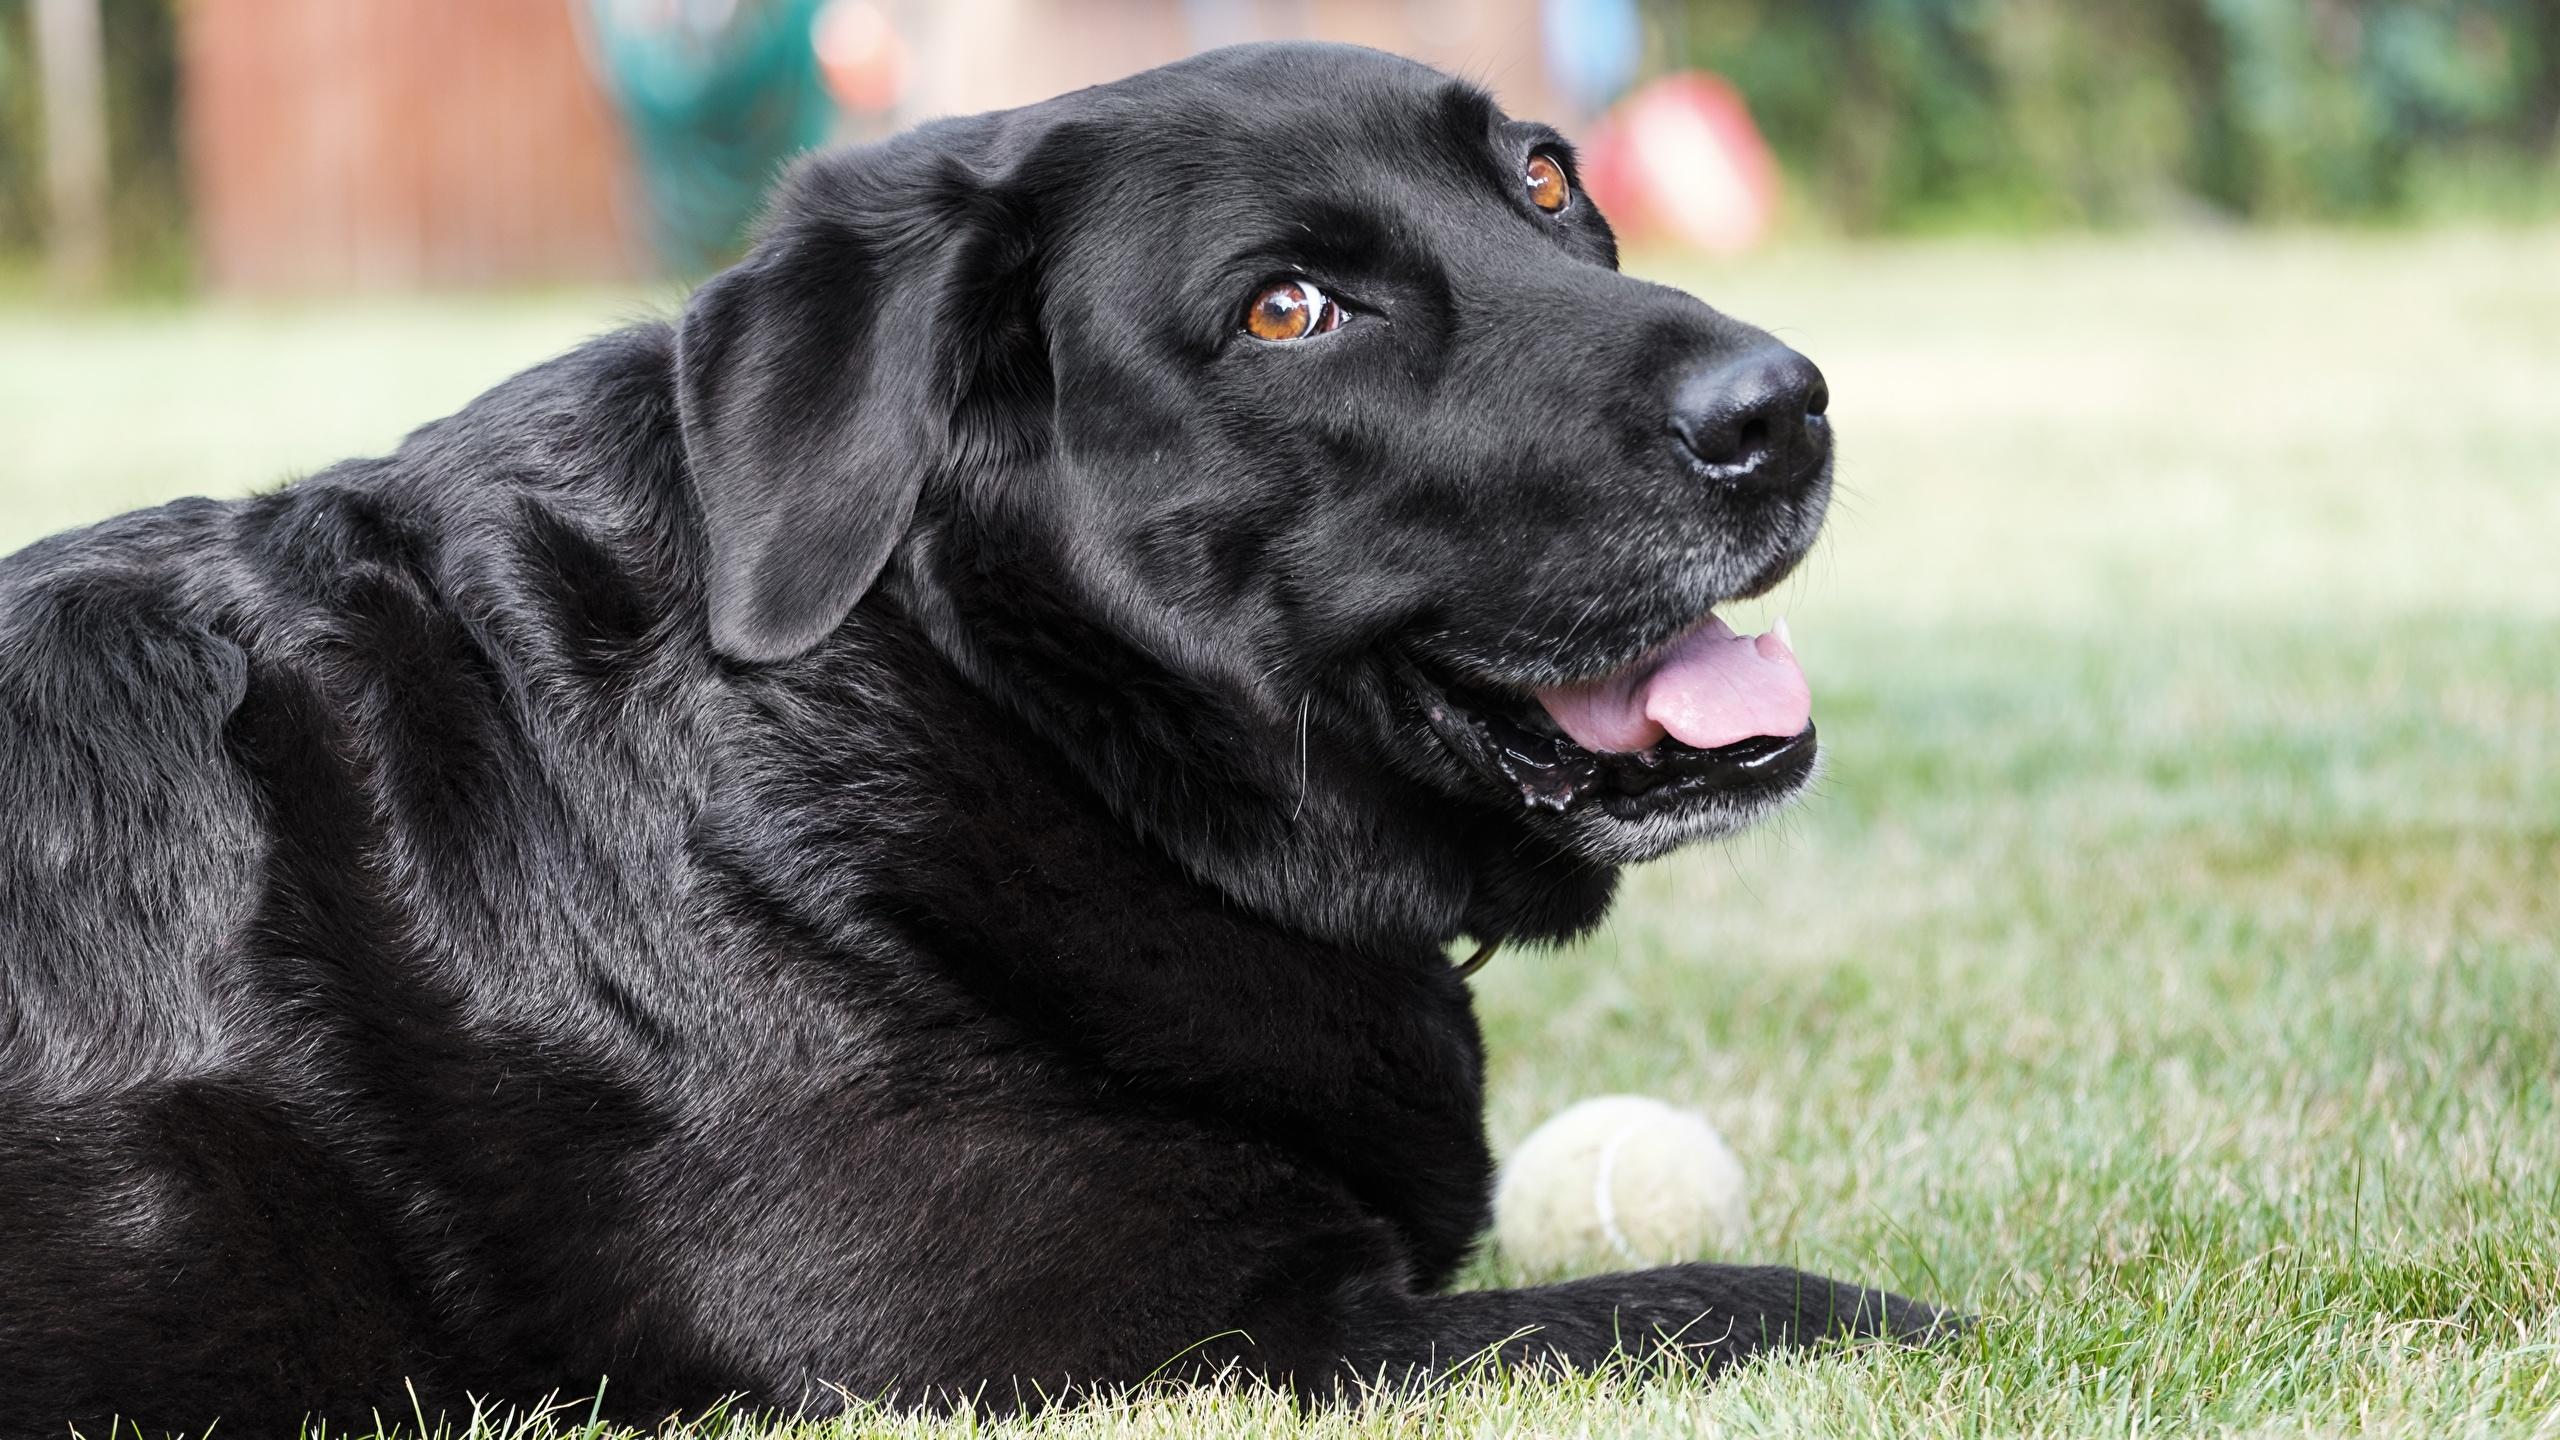 روبرو شدن با سگِ سیاه افسردگی با روش جالبِ رجب لوله کش!